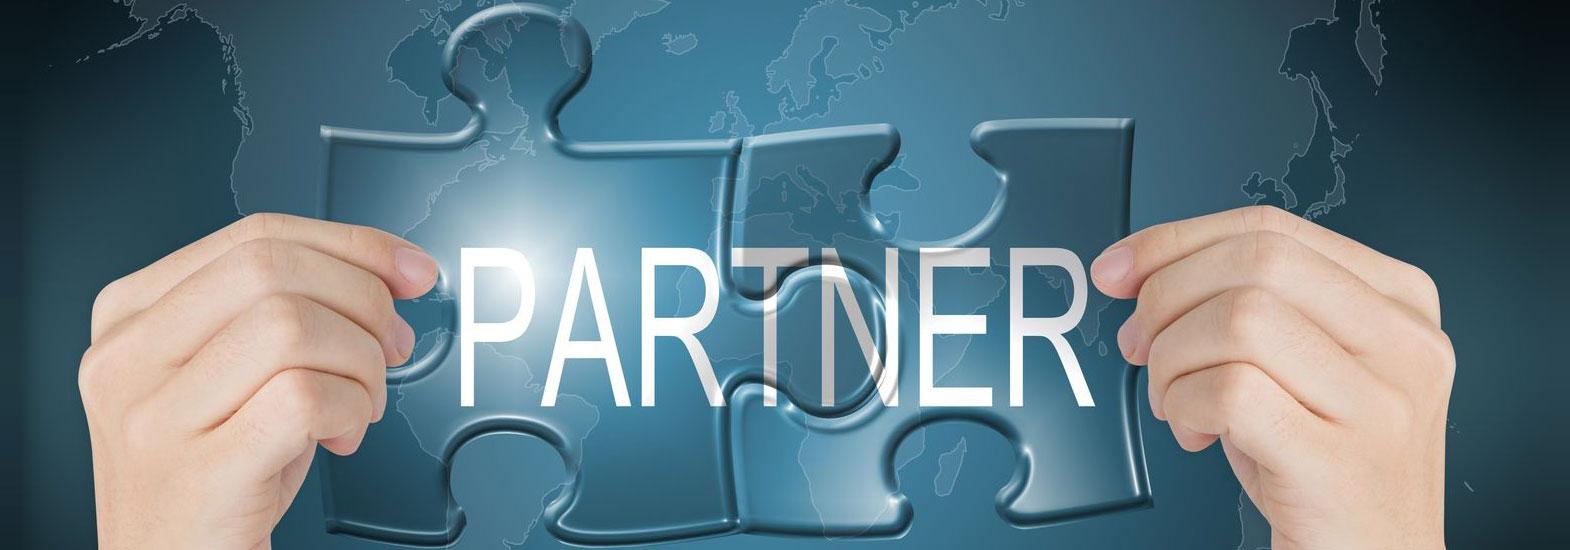 Gute Partnerbörsen